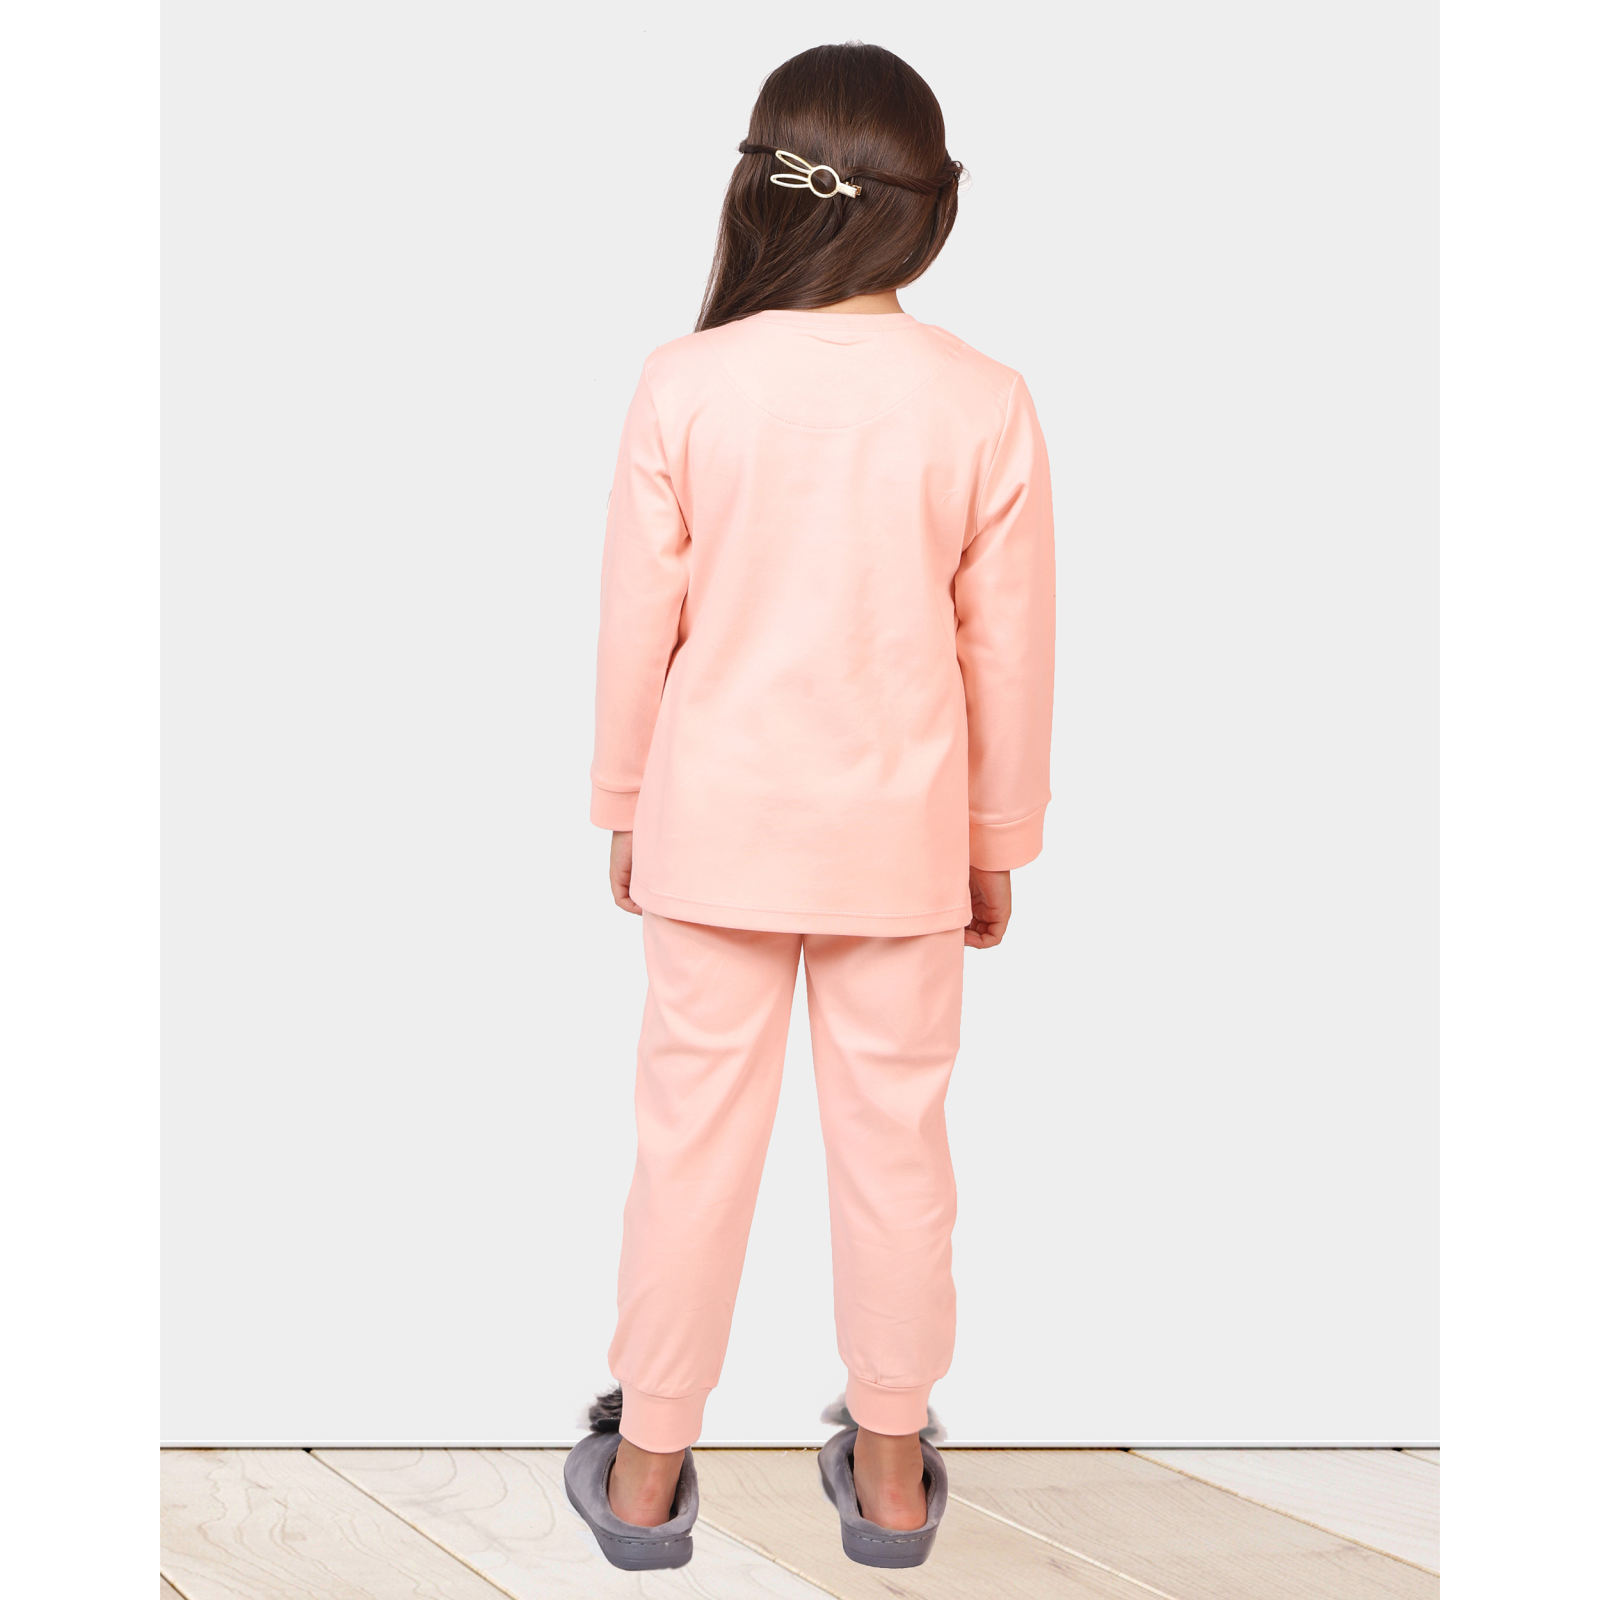 ست تی شرت و شلوار دخترانه مادر مدل 303-80 main 1 10